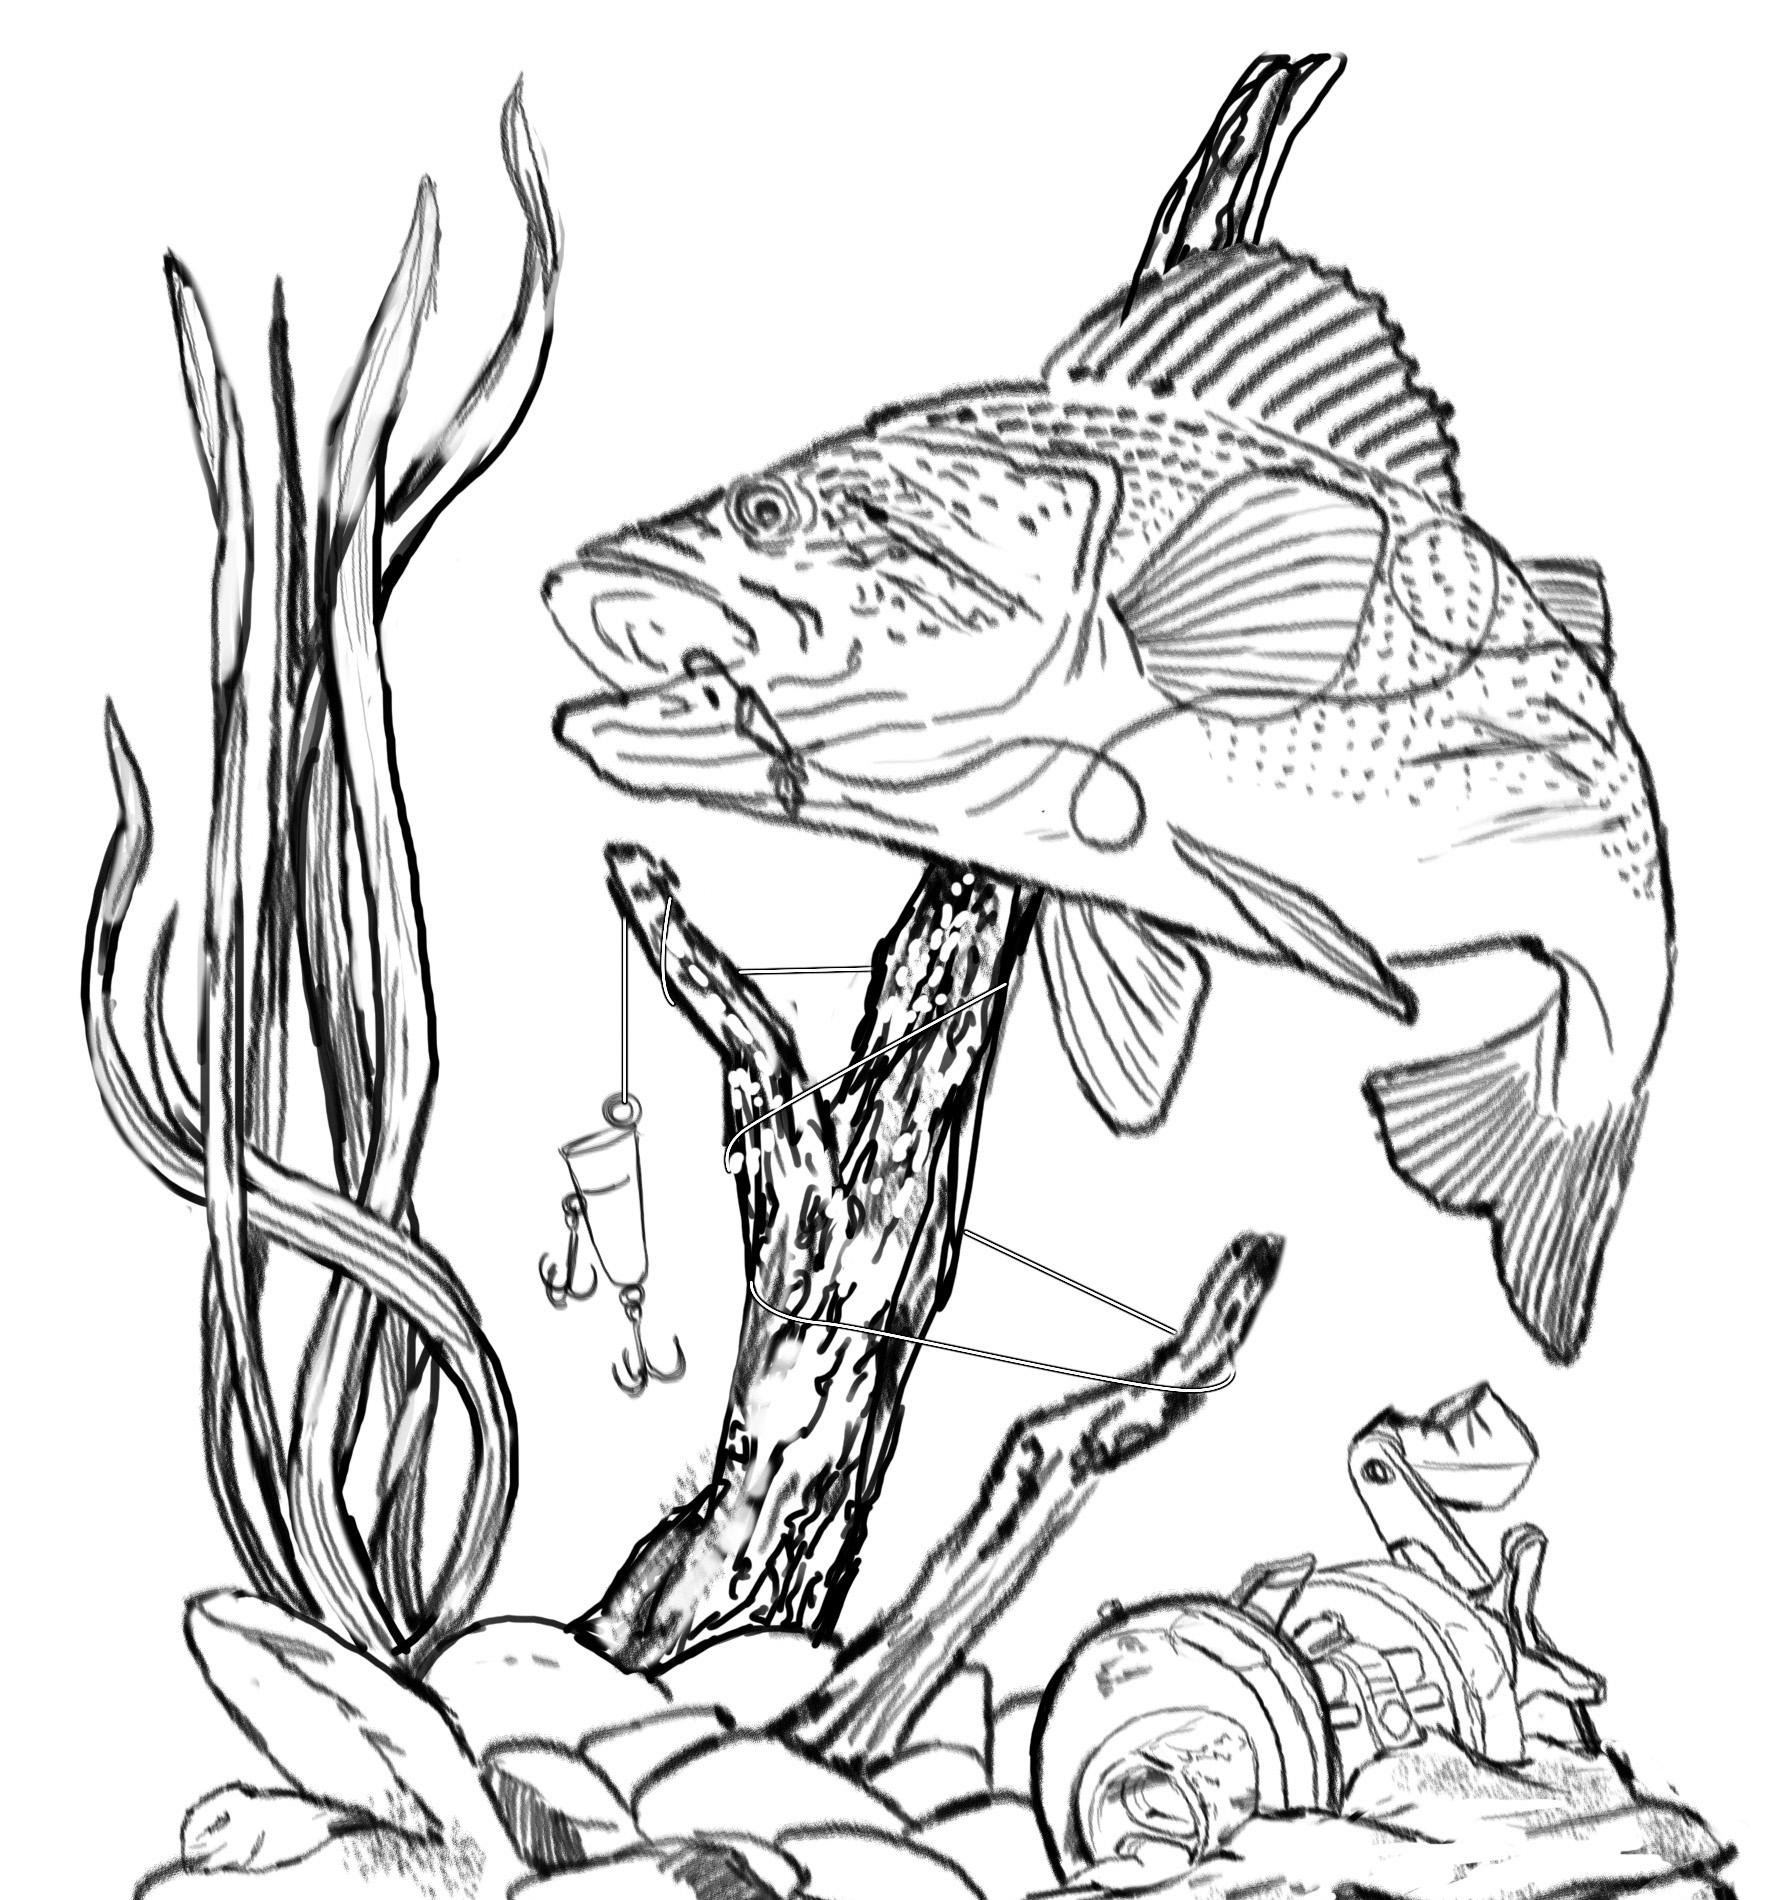 Bass Fishing Clip Art | Other Files | Clip Art